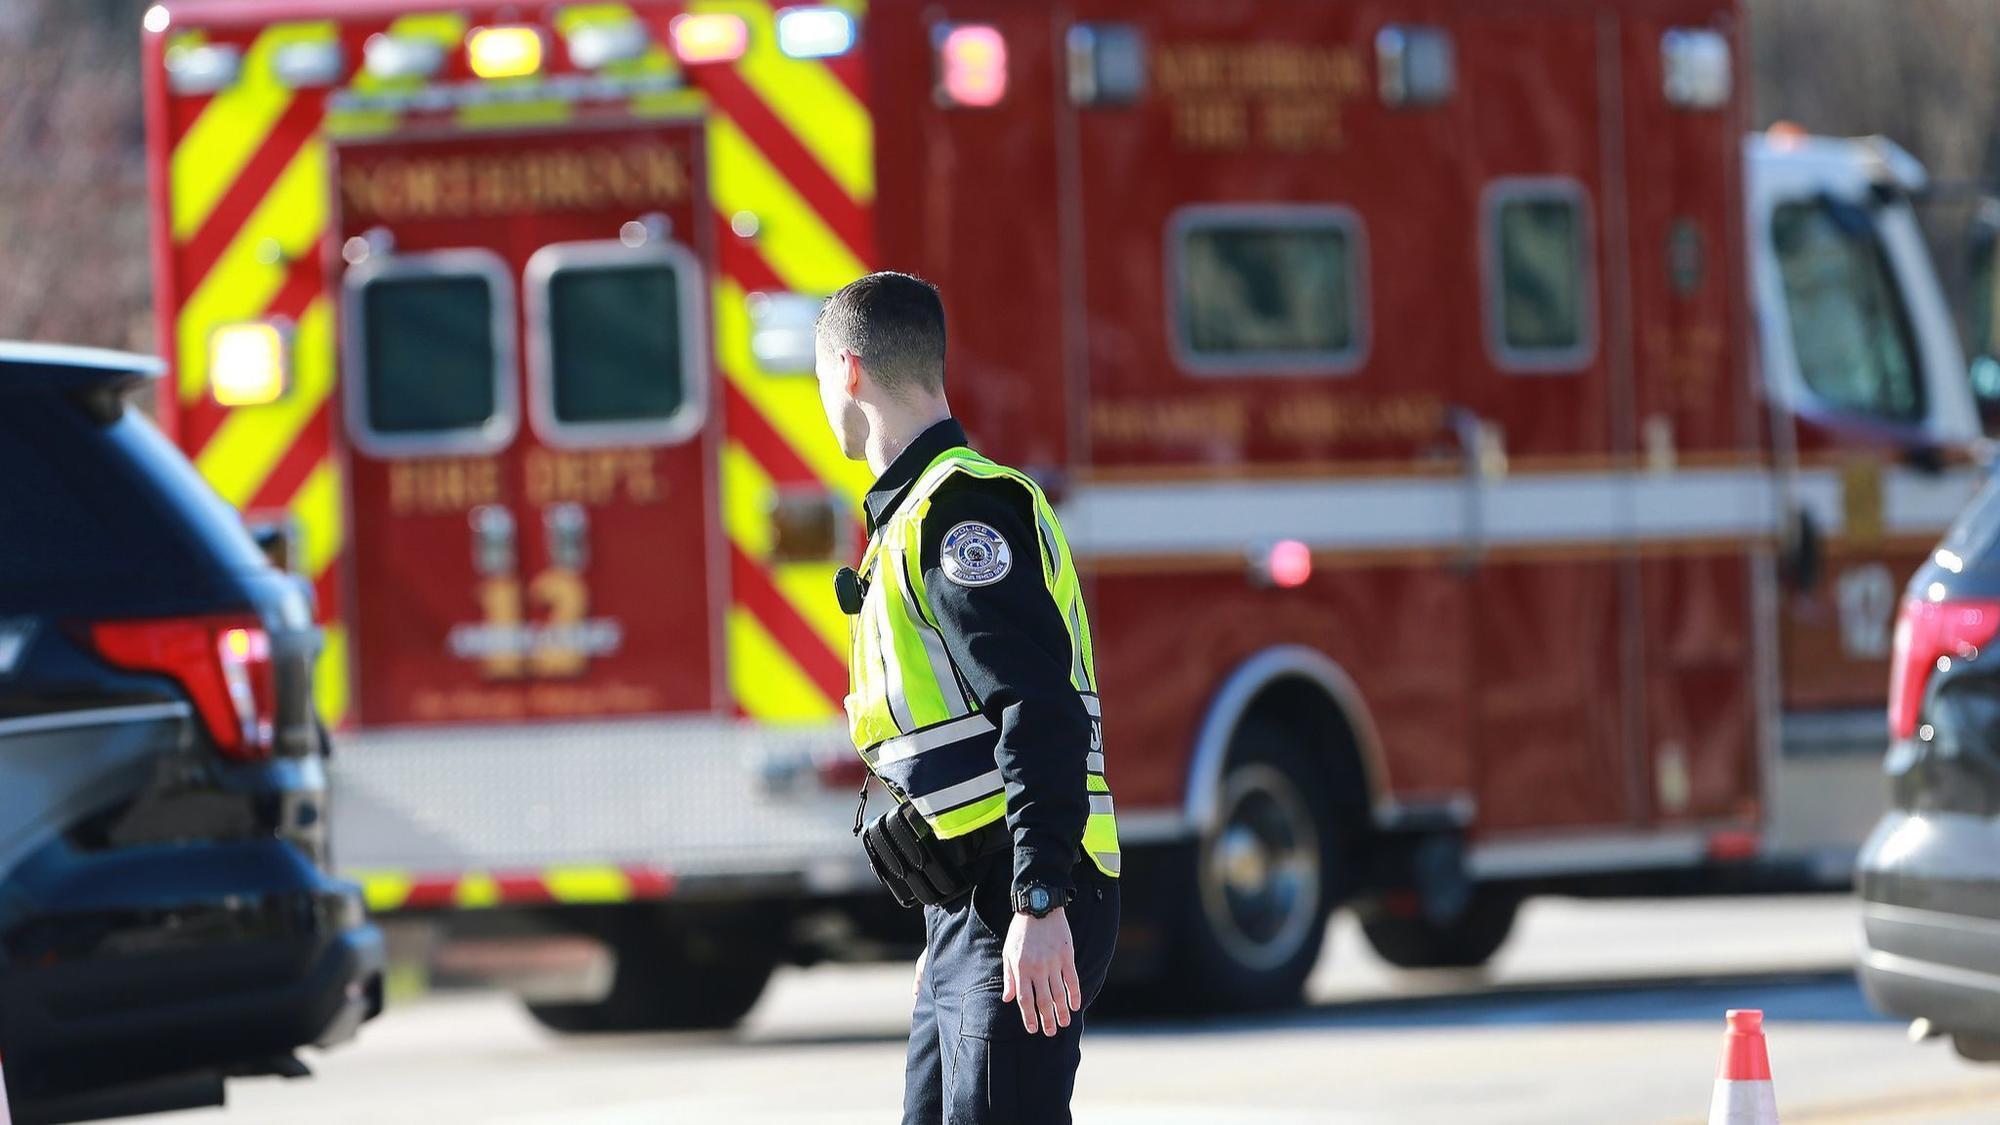 Wyciek bezwodnego amoniaku w Beach Park. 37 osób trafiło do szpitala